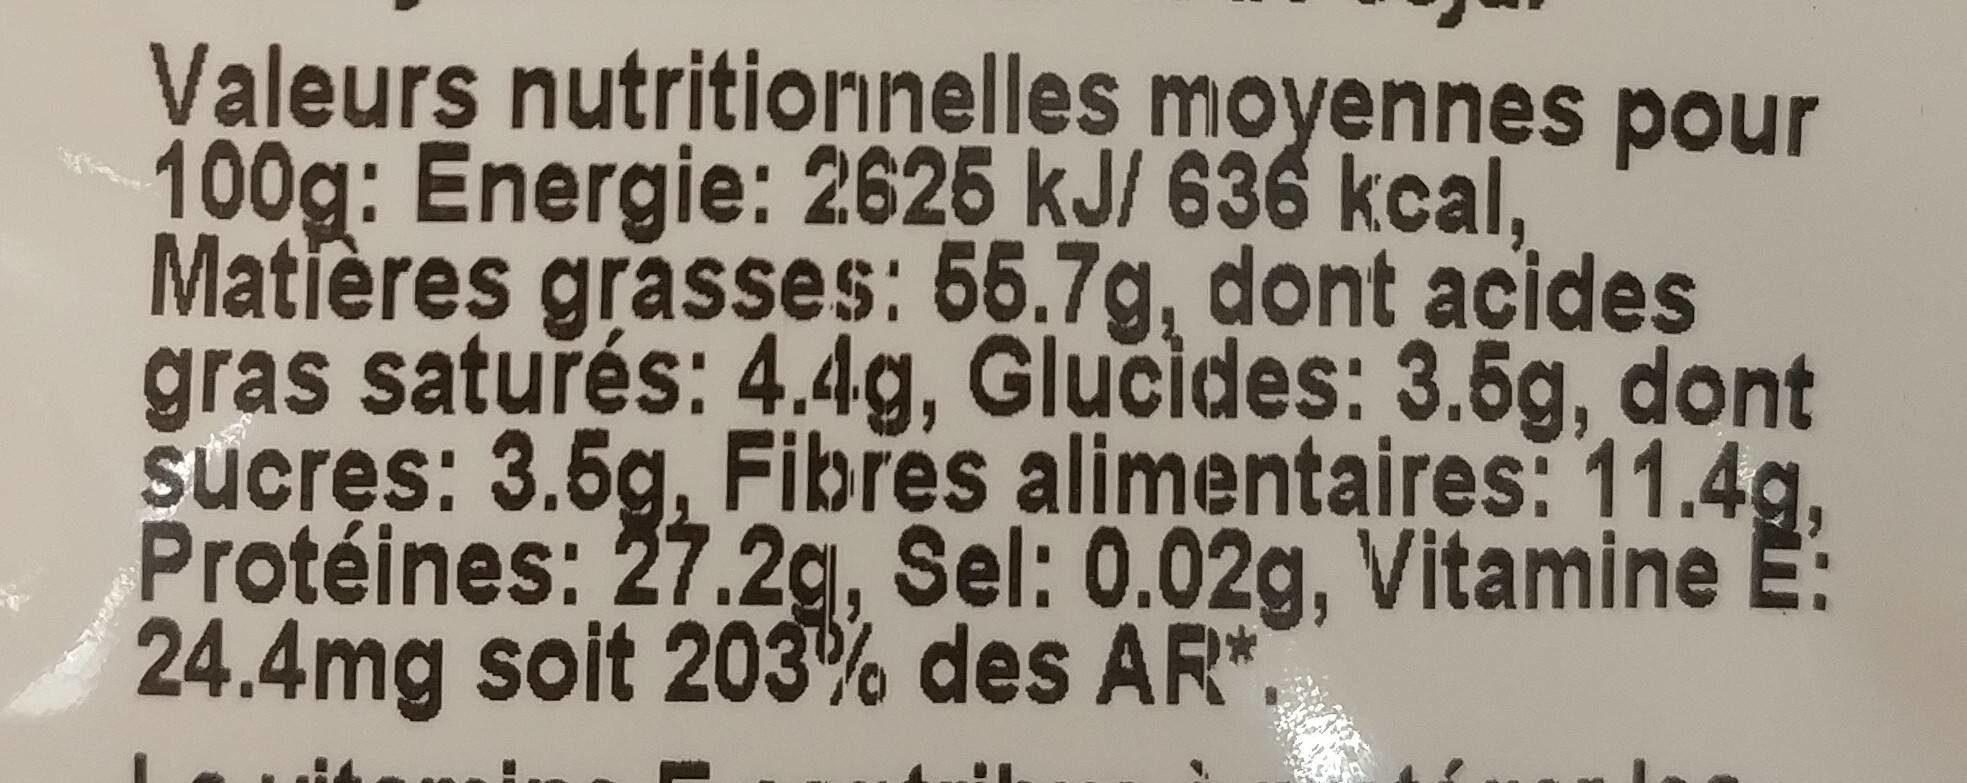 Duo amandes grillées sans sel ajoutés - Informations nutritionnelles - fr